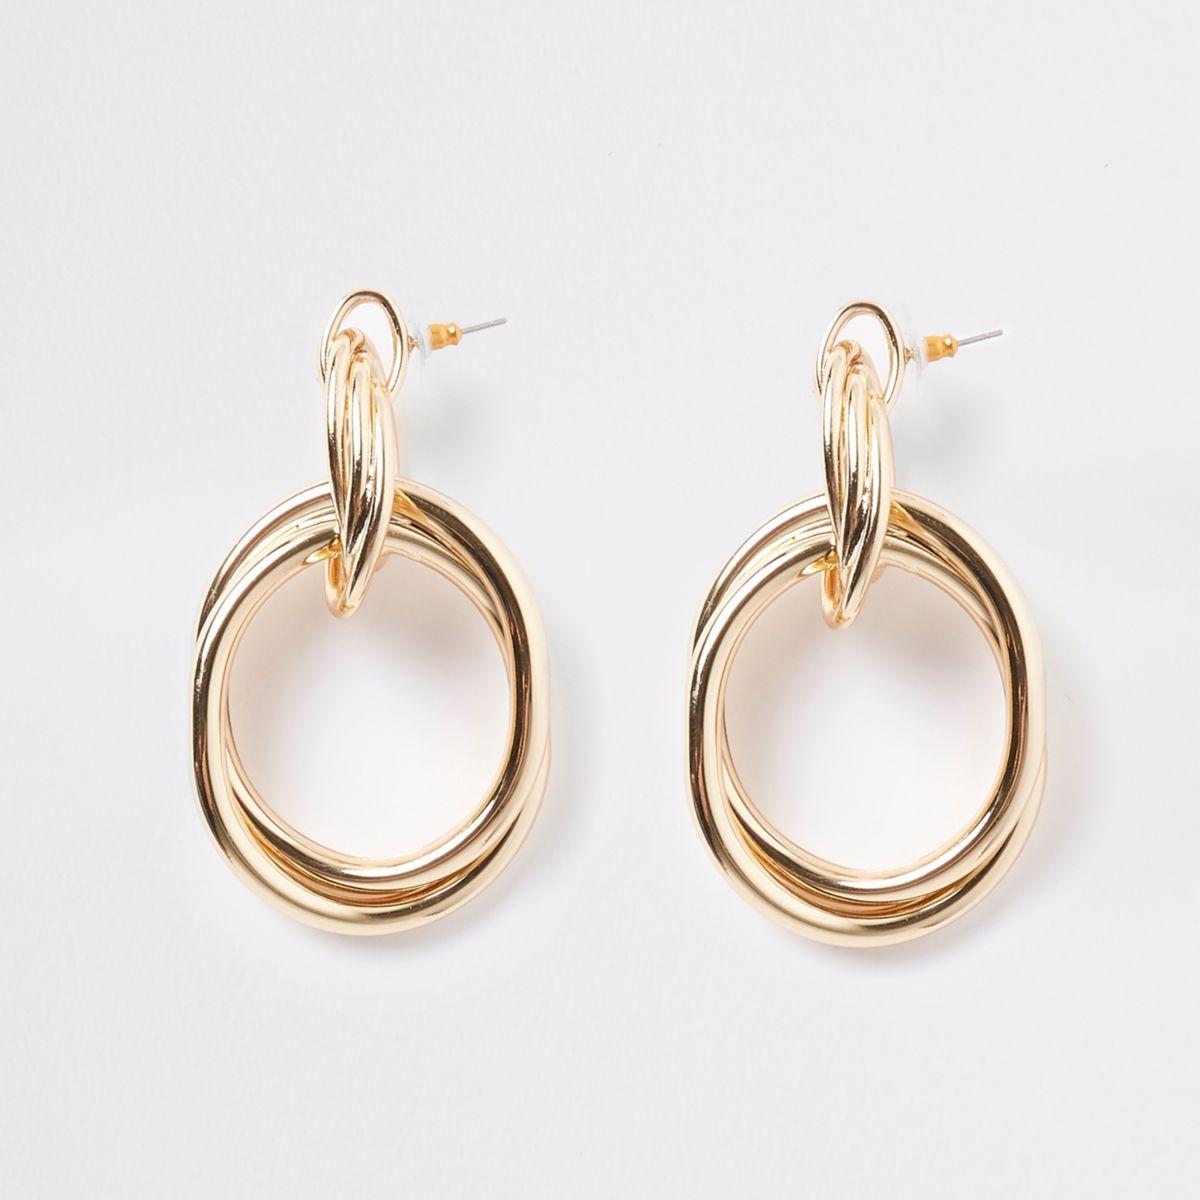 Gold color twist doorknocker earrings